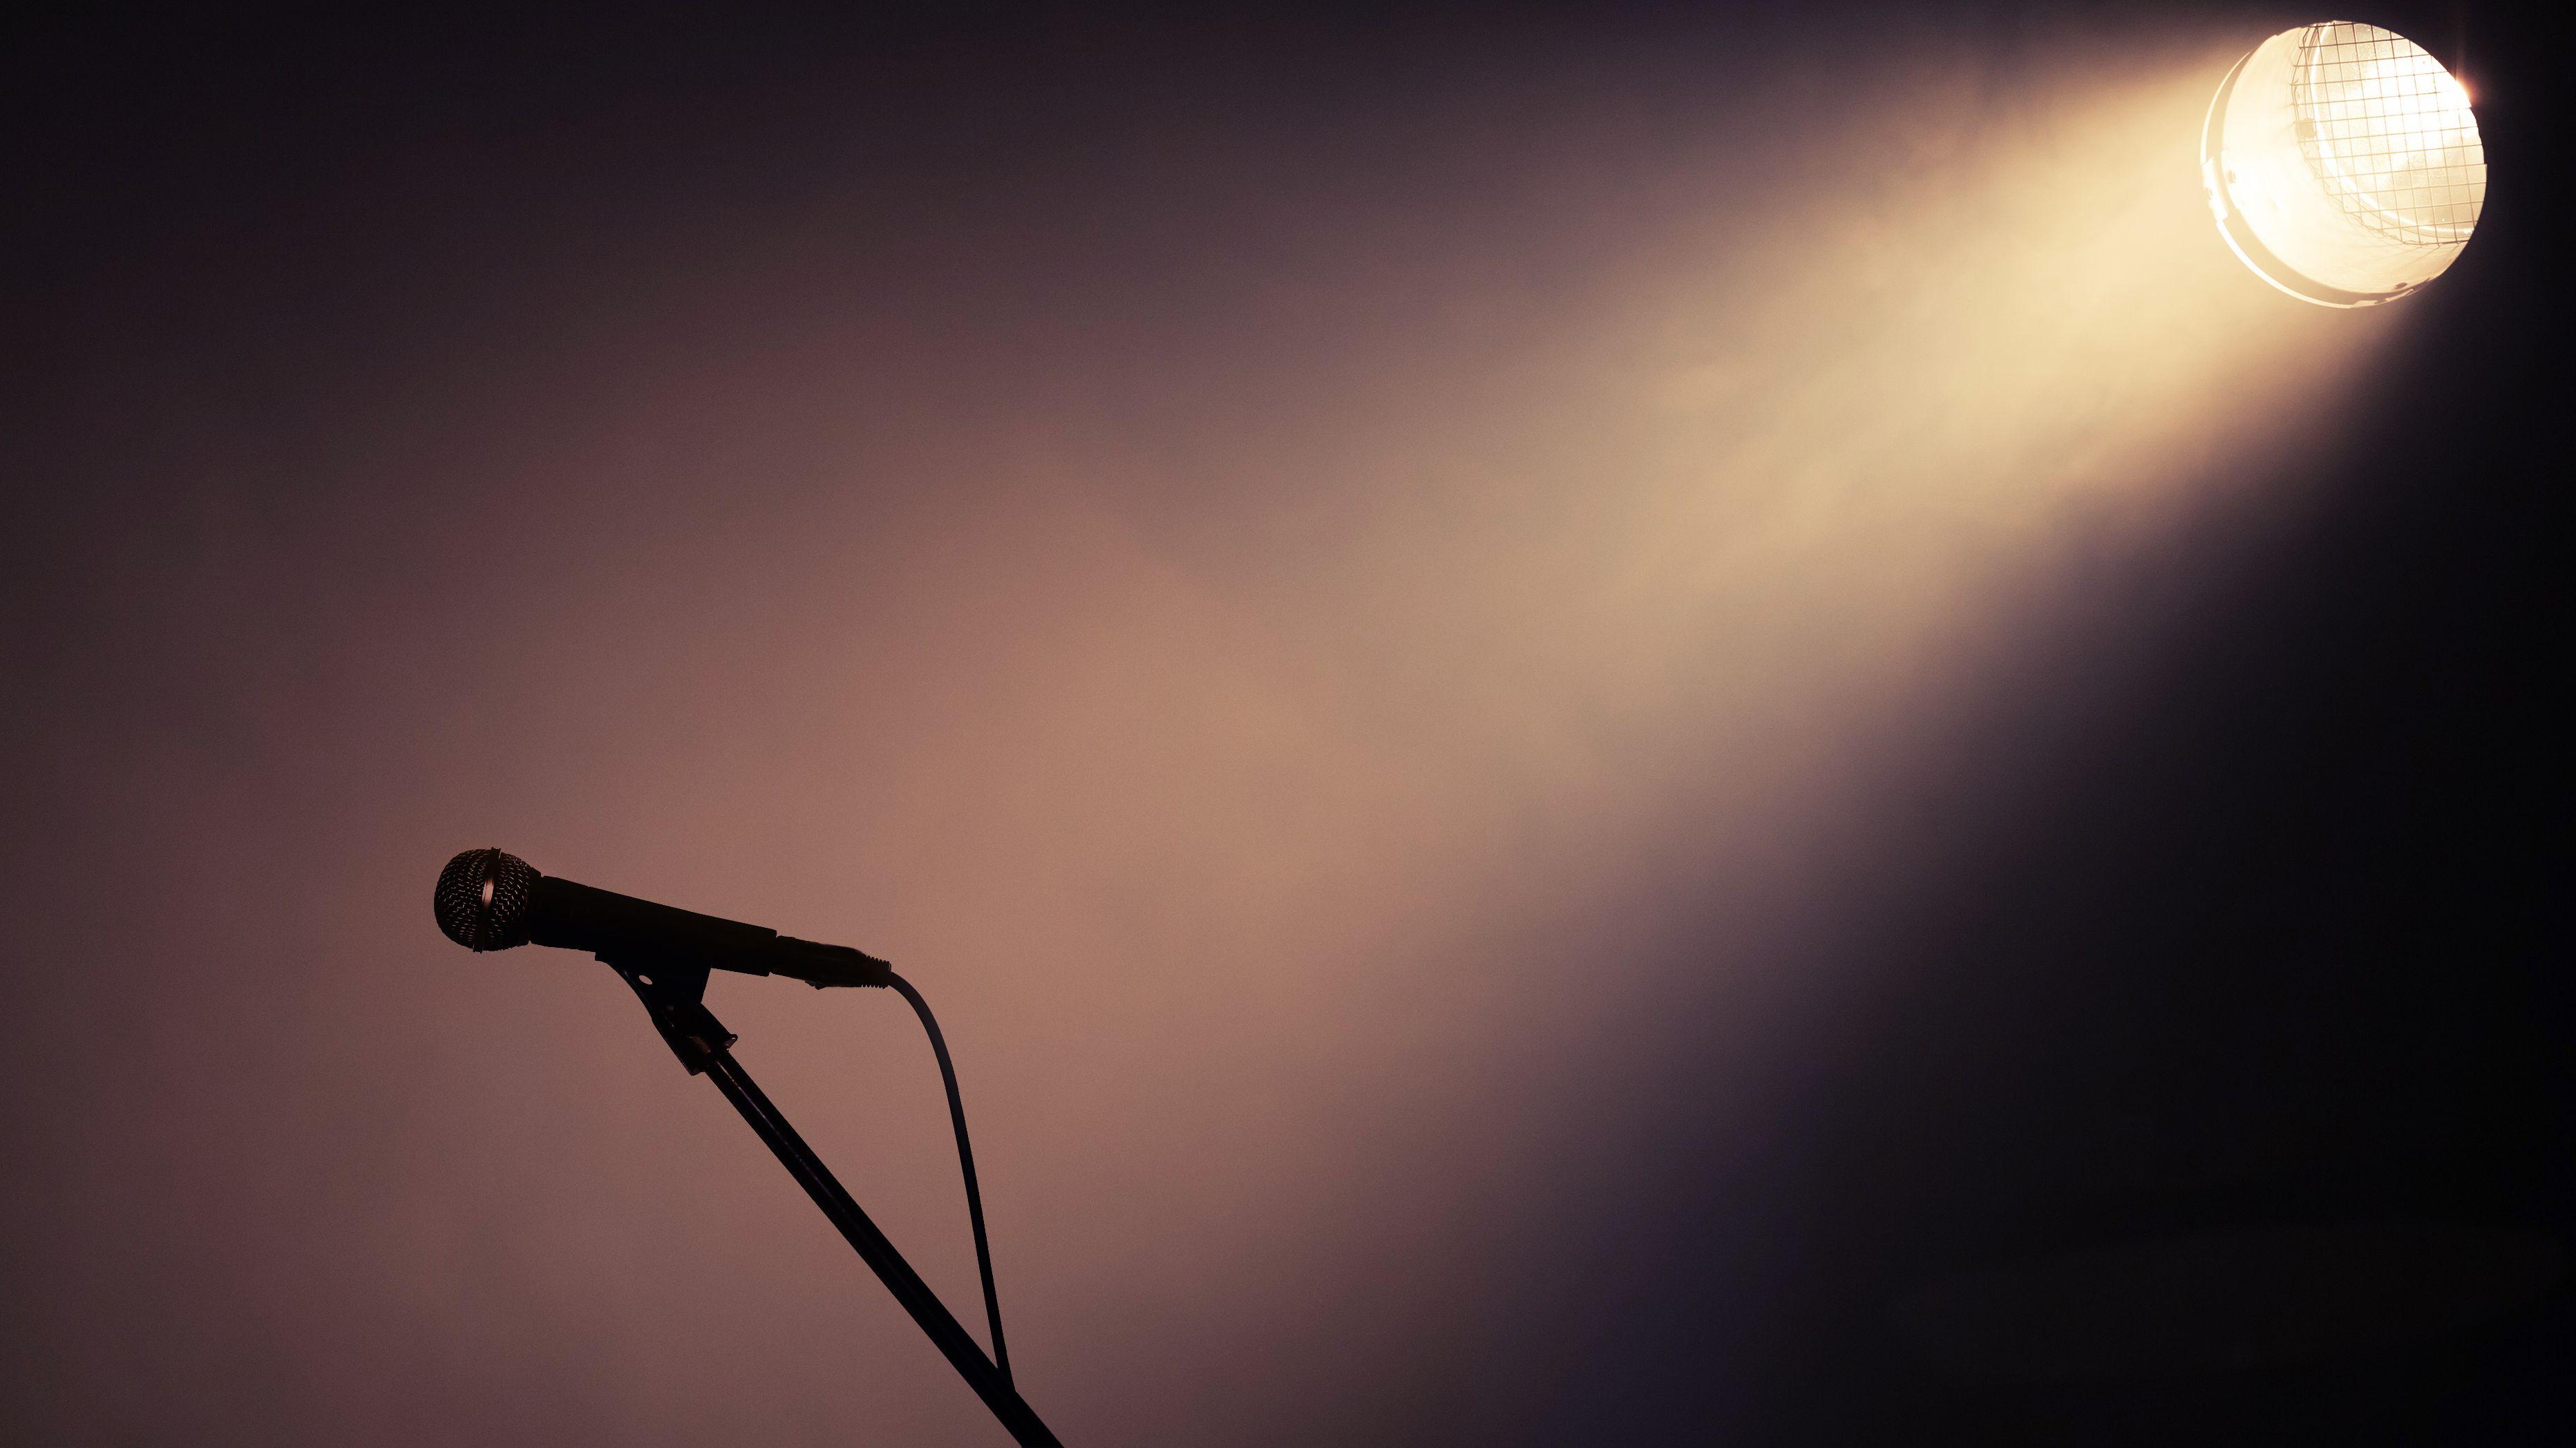 Mikrofon, Scheinwerfer